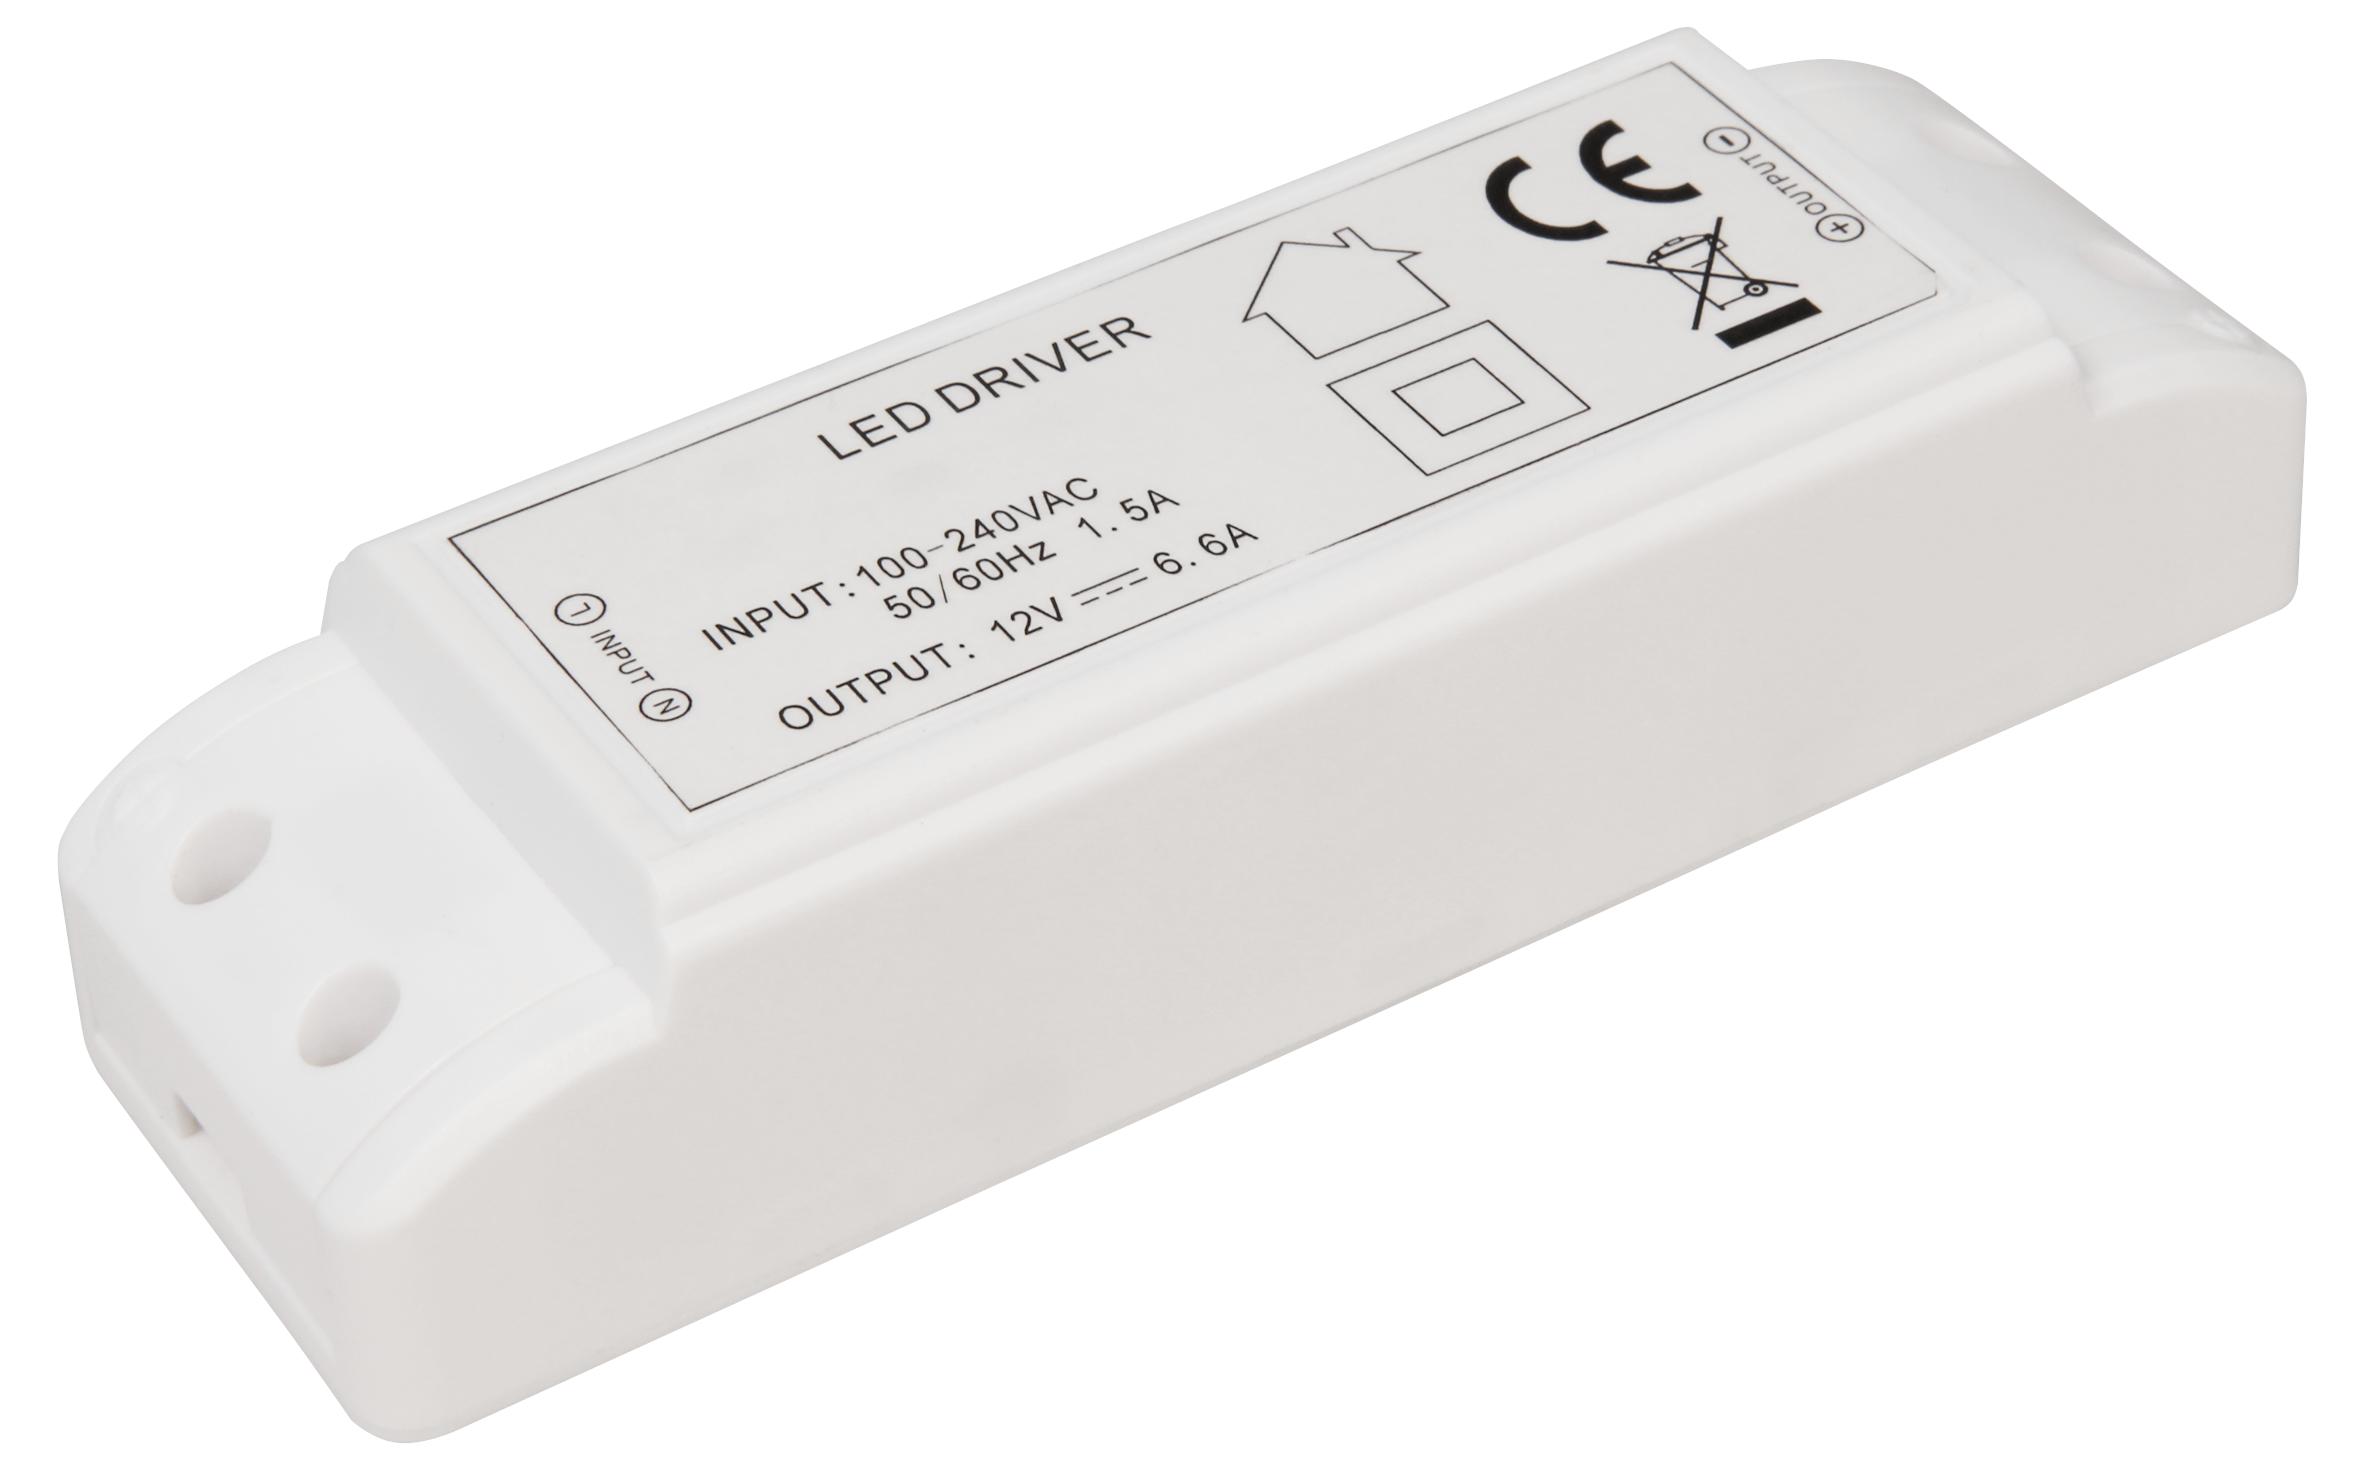 LED-Trafo McShine, elektronisch, 1-80W, 230V auf 12V, 160x50x36mm